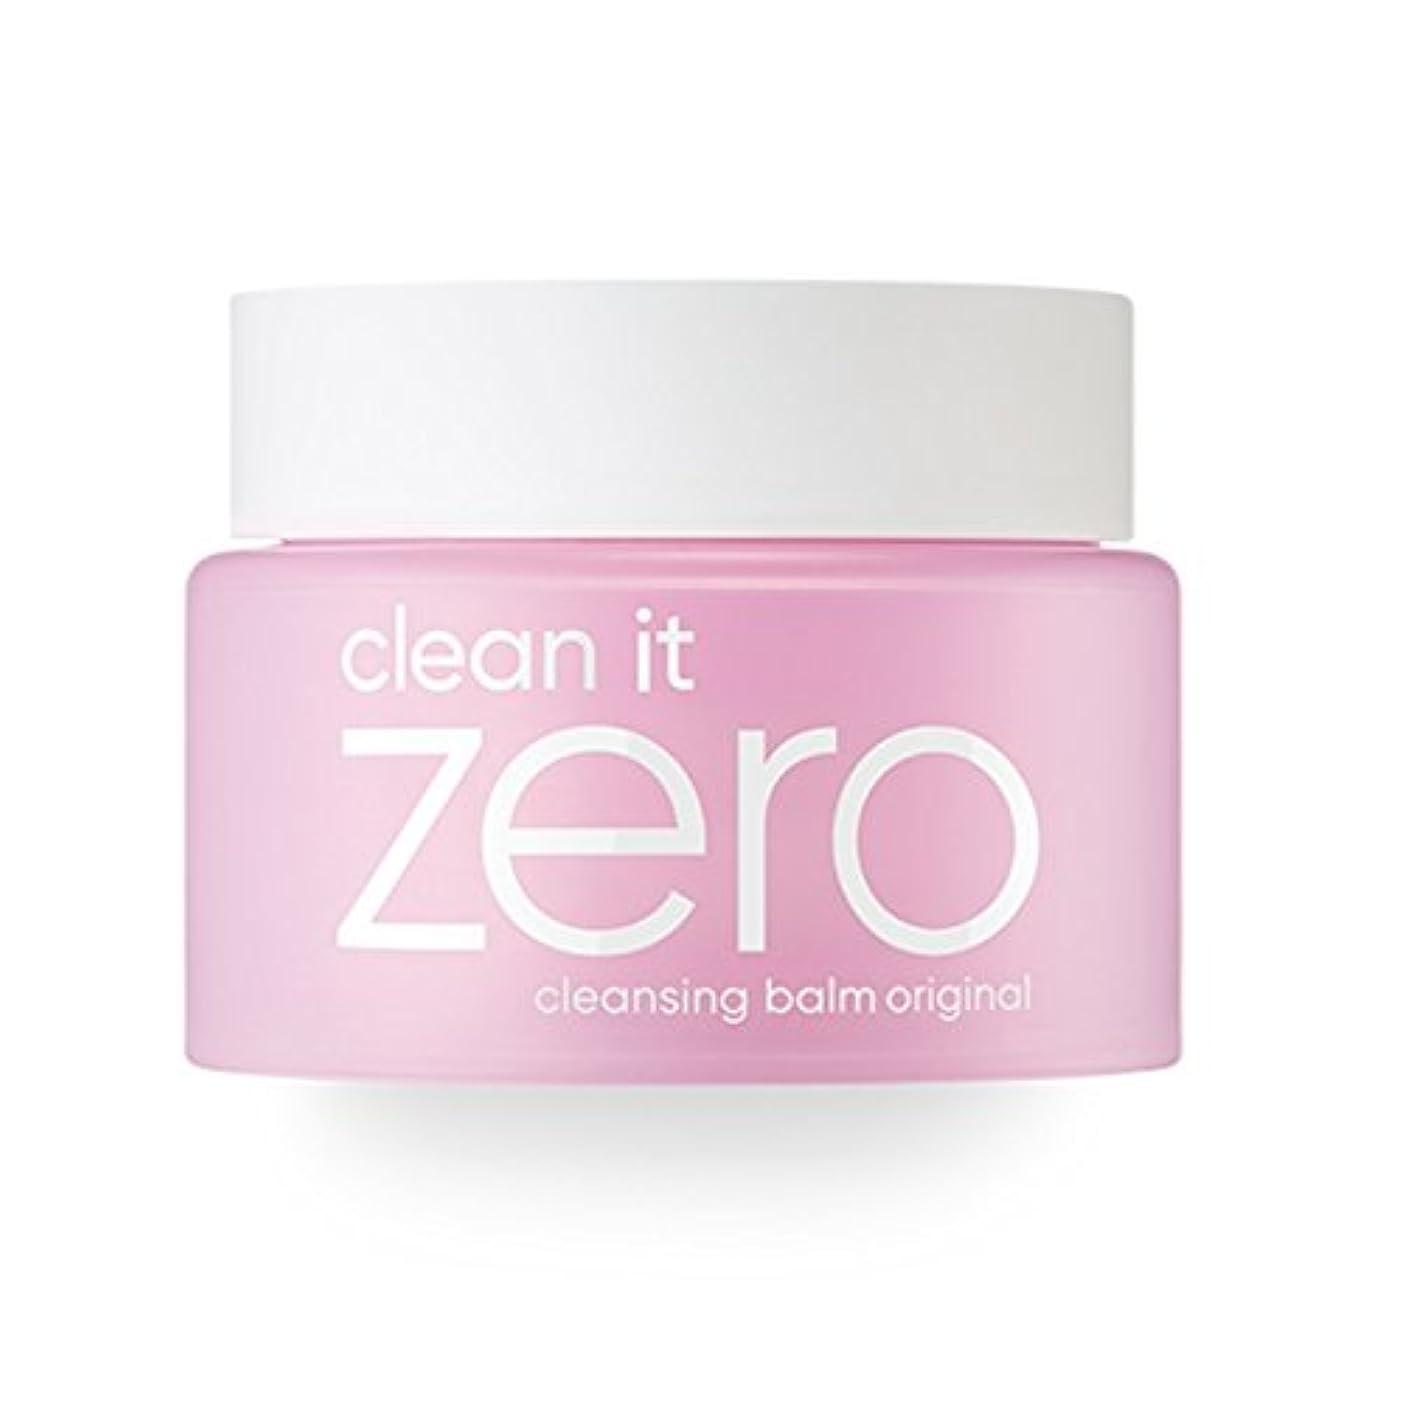 土曜日膨張する試みるBanila.co クリーン イット ゼロ クレンジングバーム オリジナル / Clean it Zero Cleansing Balm Original (100ml)